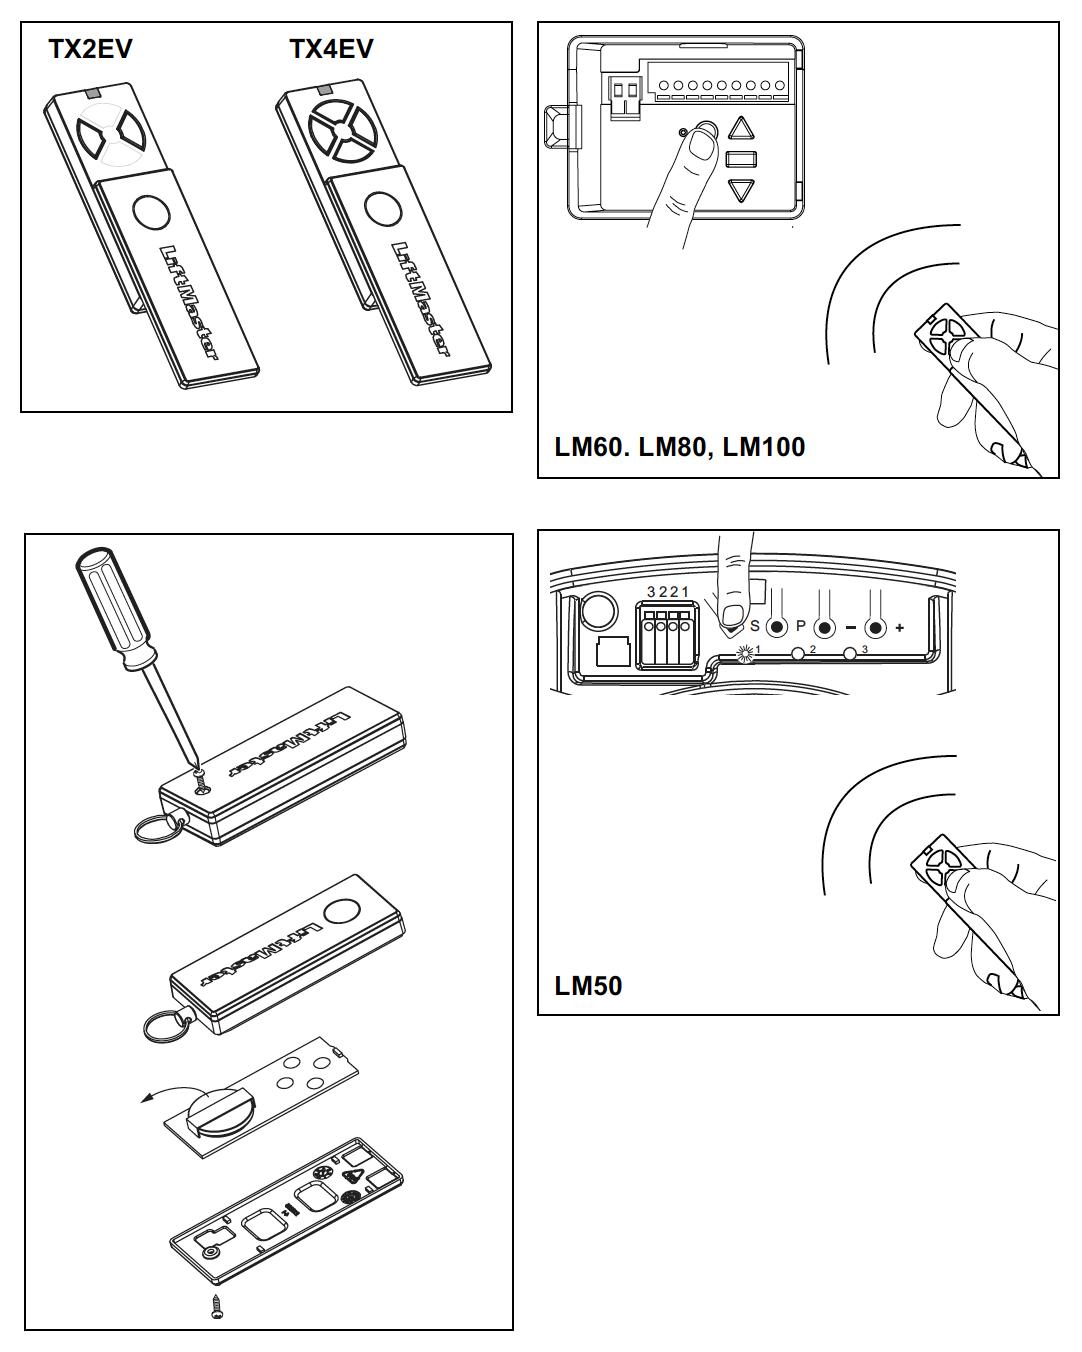 LiftMaster Remote Control TX4ev